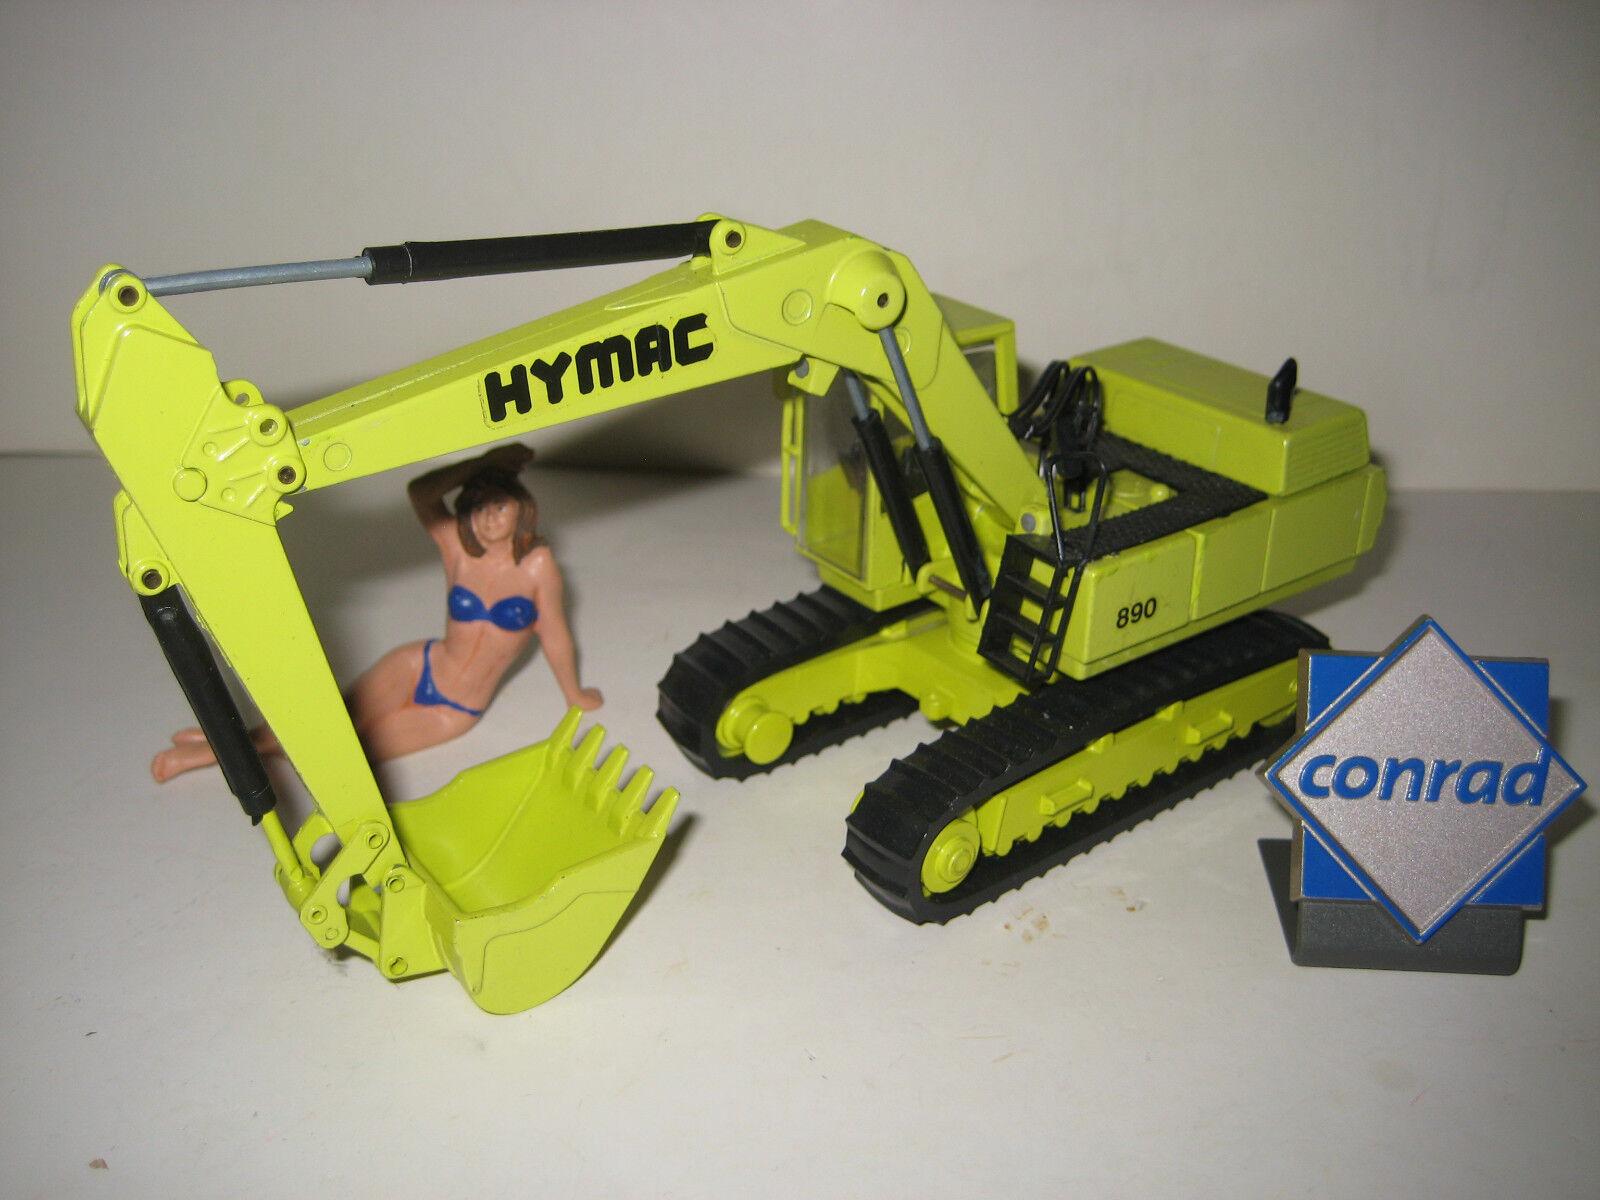 HYMAC 890 Excavateurs tieflöffel à chenilles  2730 CONRAD 1 50